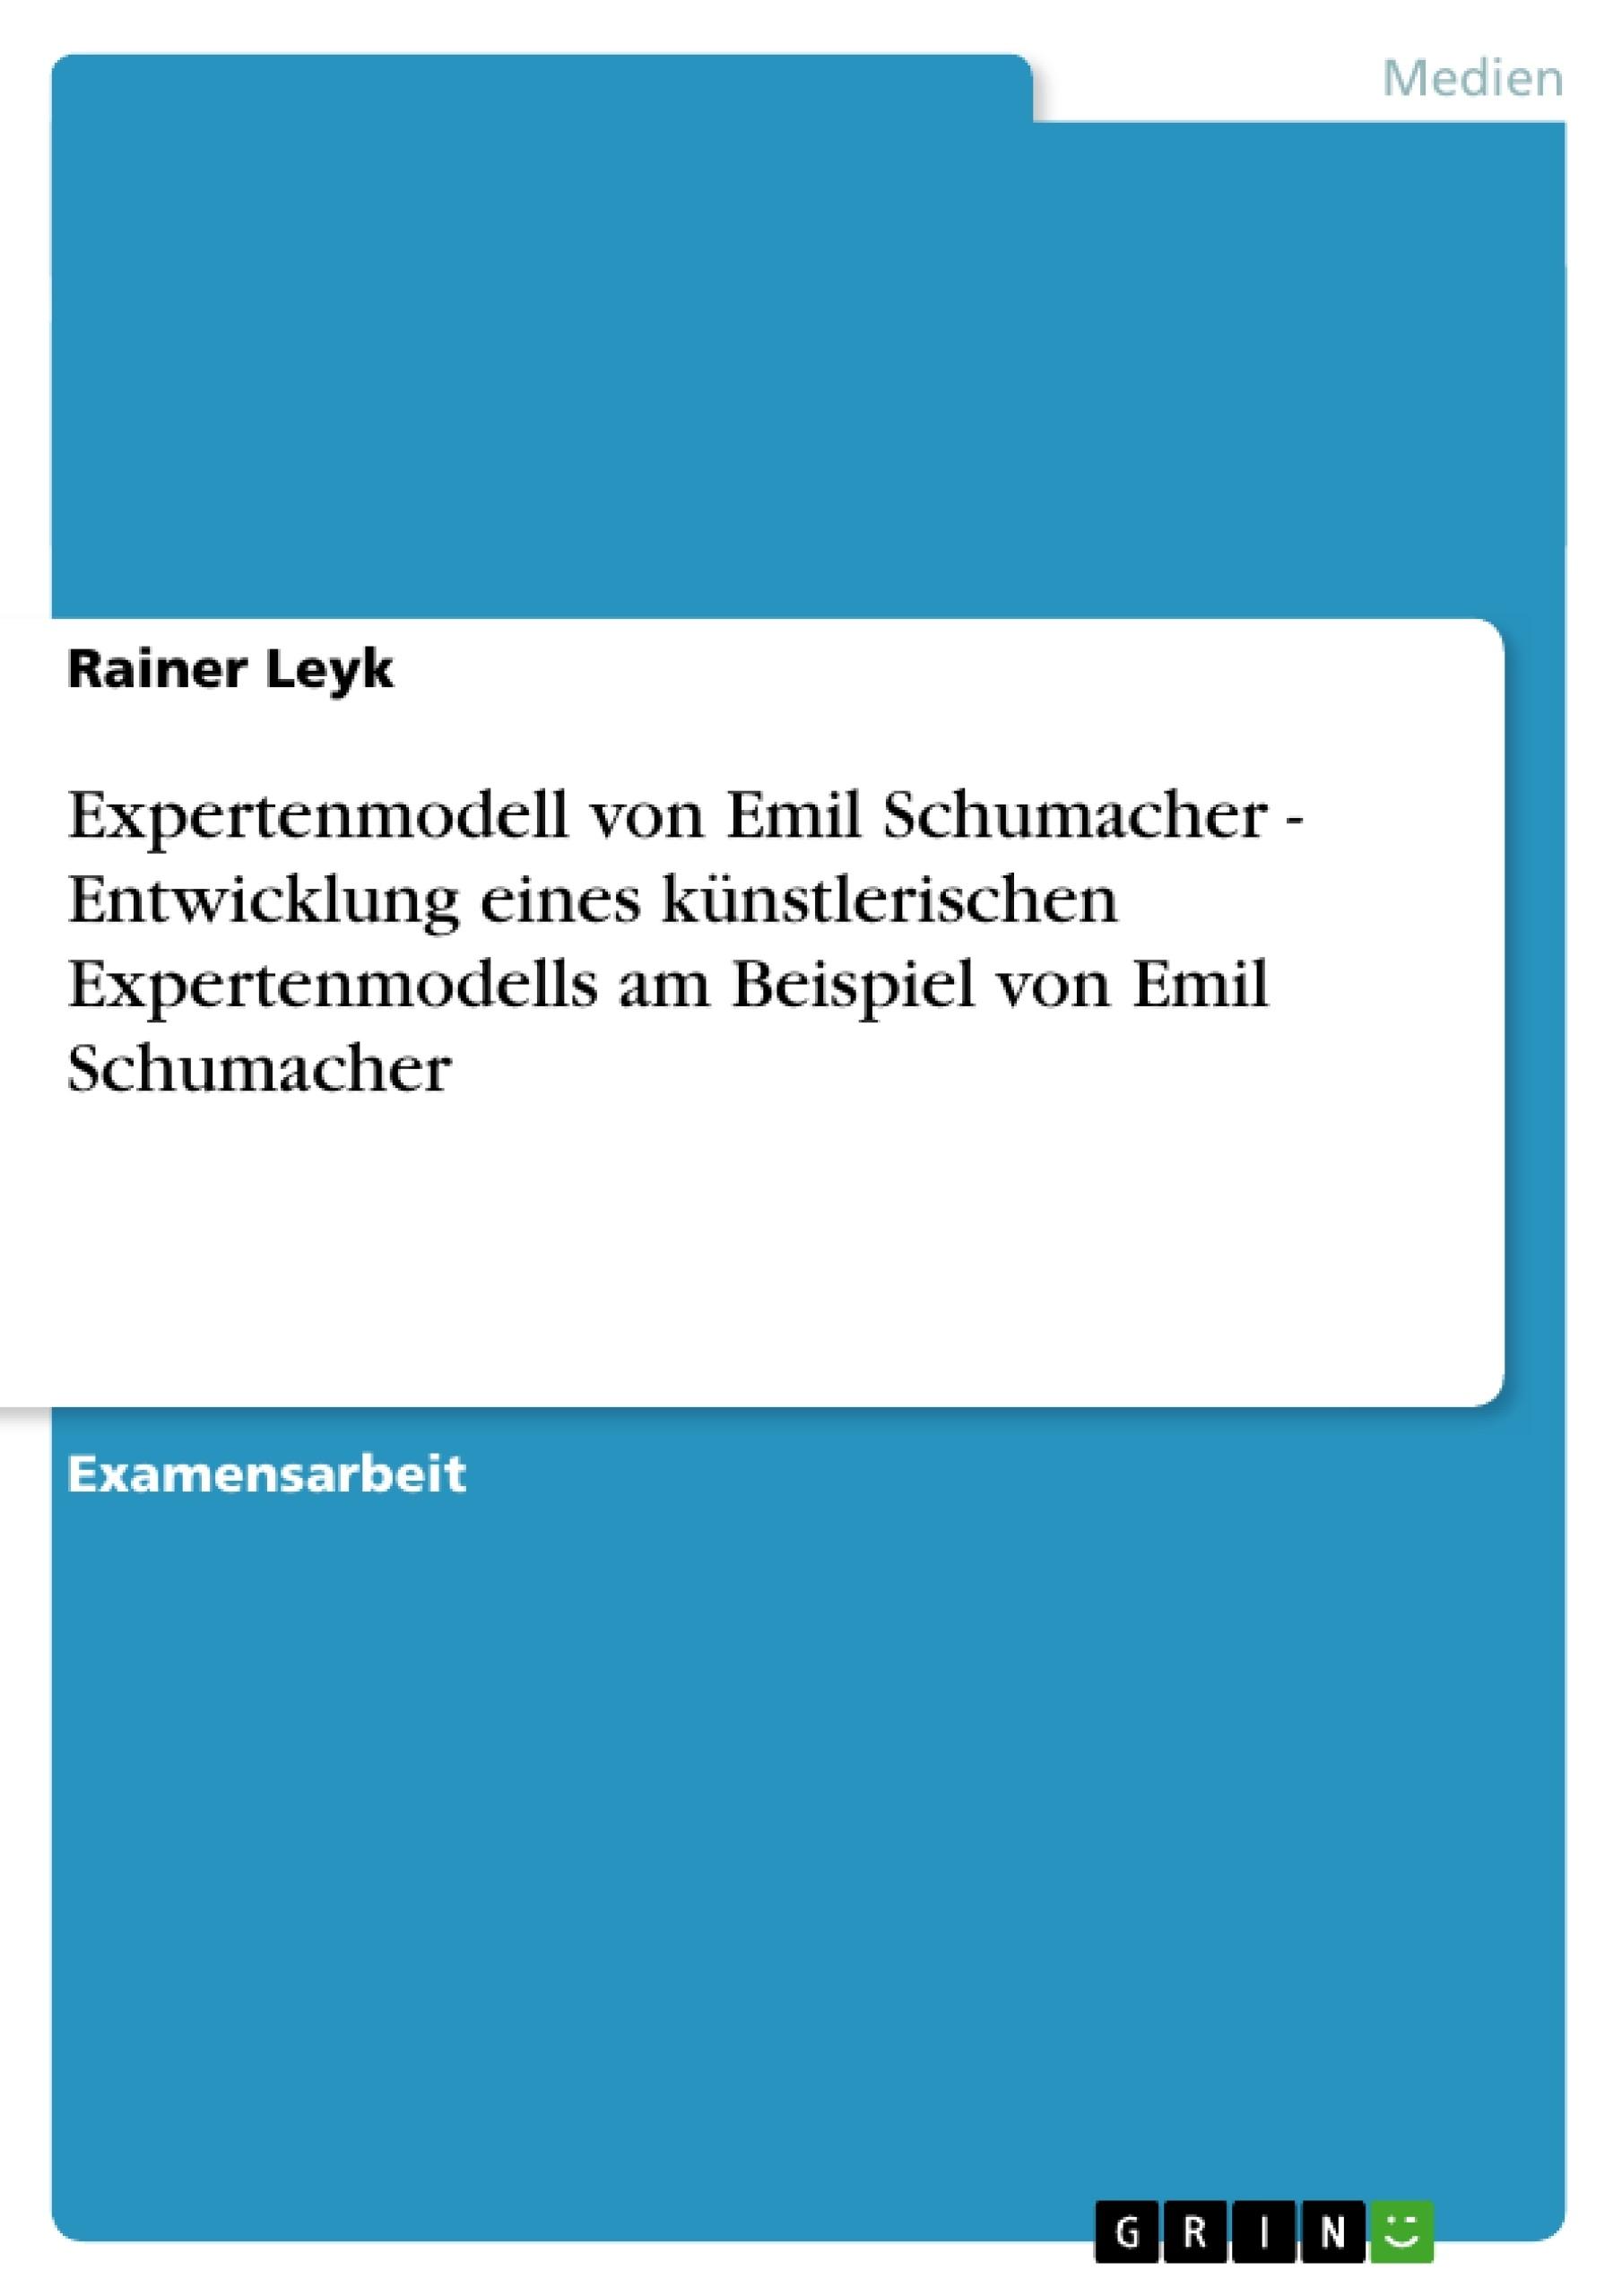 Titel: Expertenmodell von Emil Schumacher - Entwicklung eines künstlerischen Expertenmodells am Beispiel von Emil Schumacher